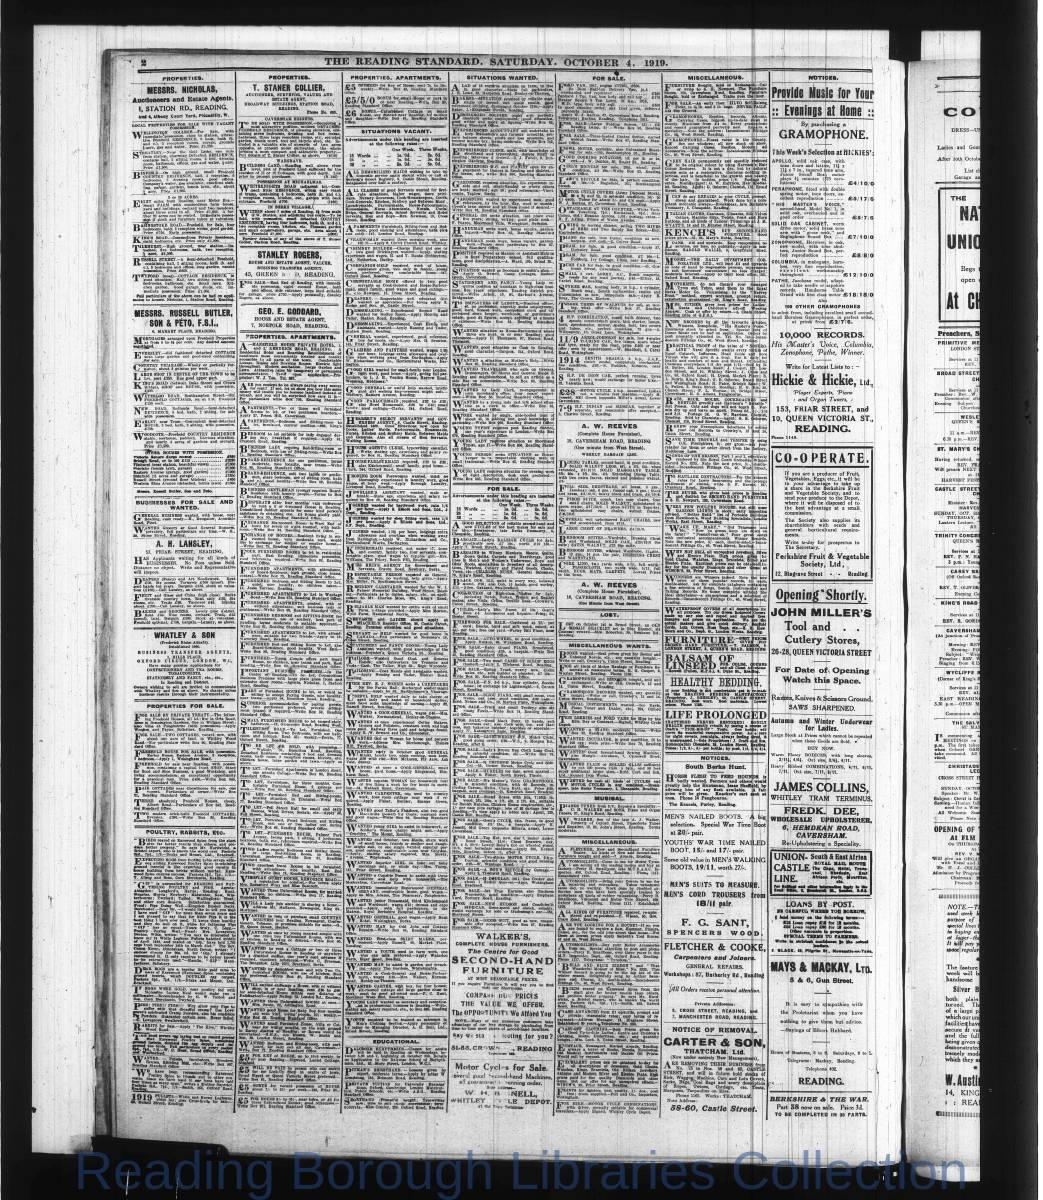 Reading Standard Etc_04-10-1919_00003.jpg